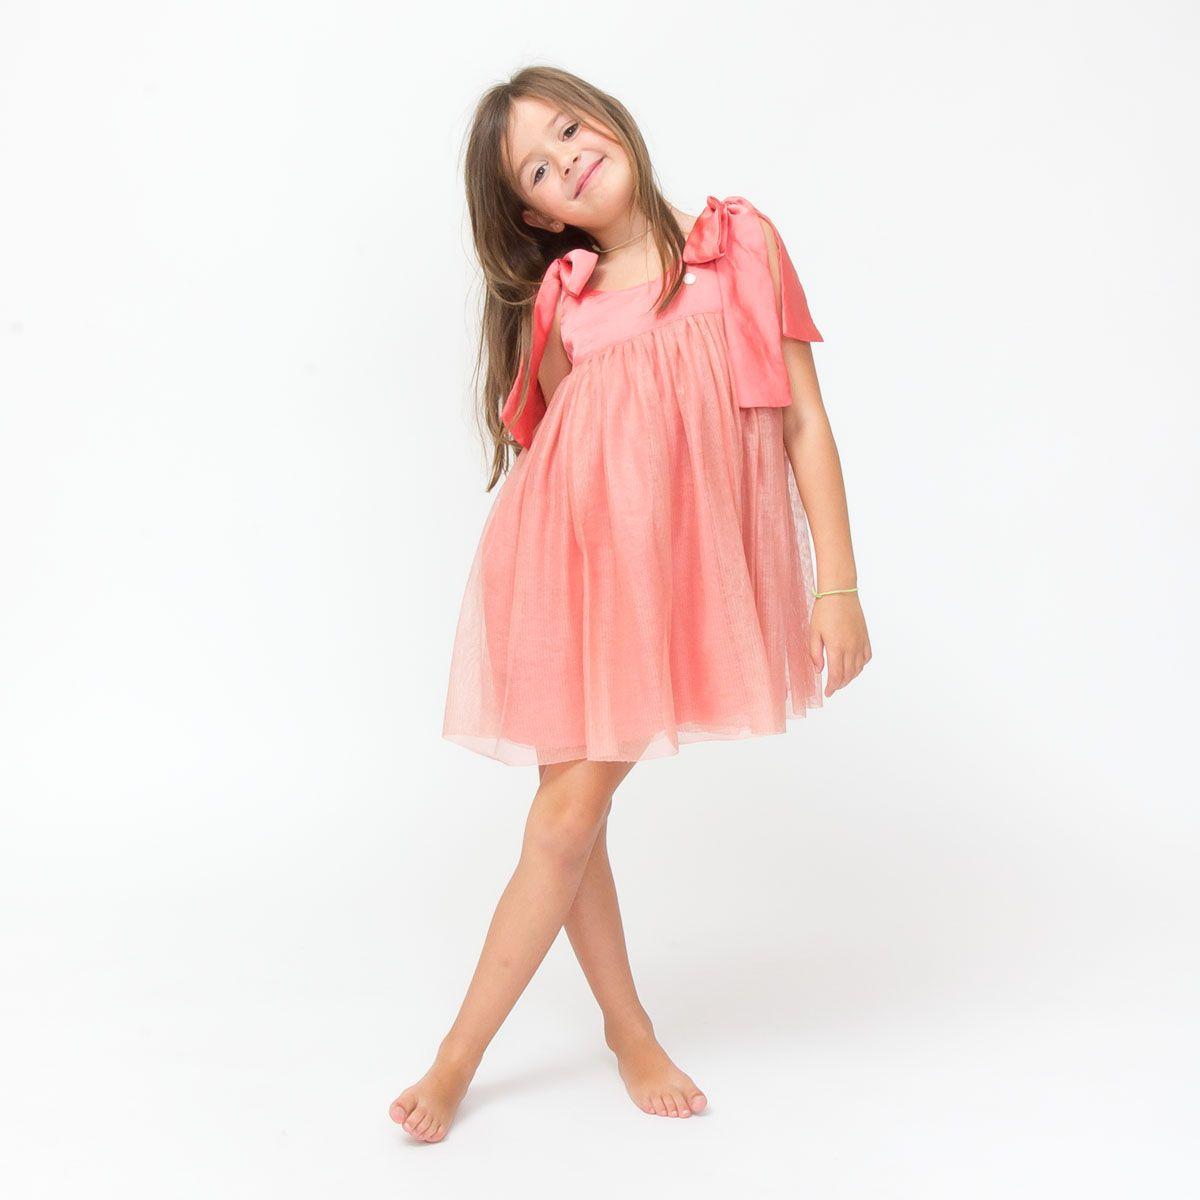 foto de niña linda - Buscar con Google | fotos de niñas pequeñas ...